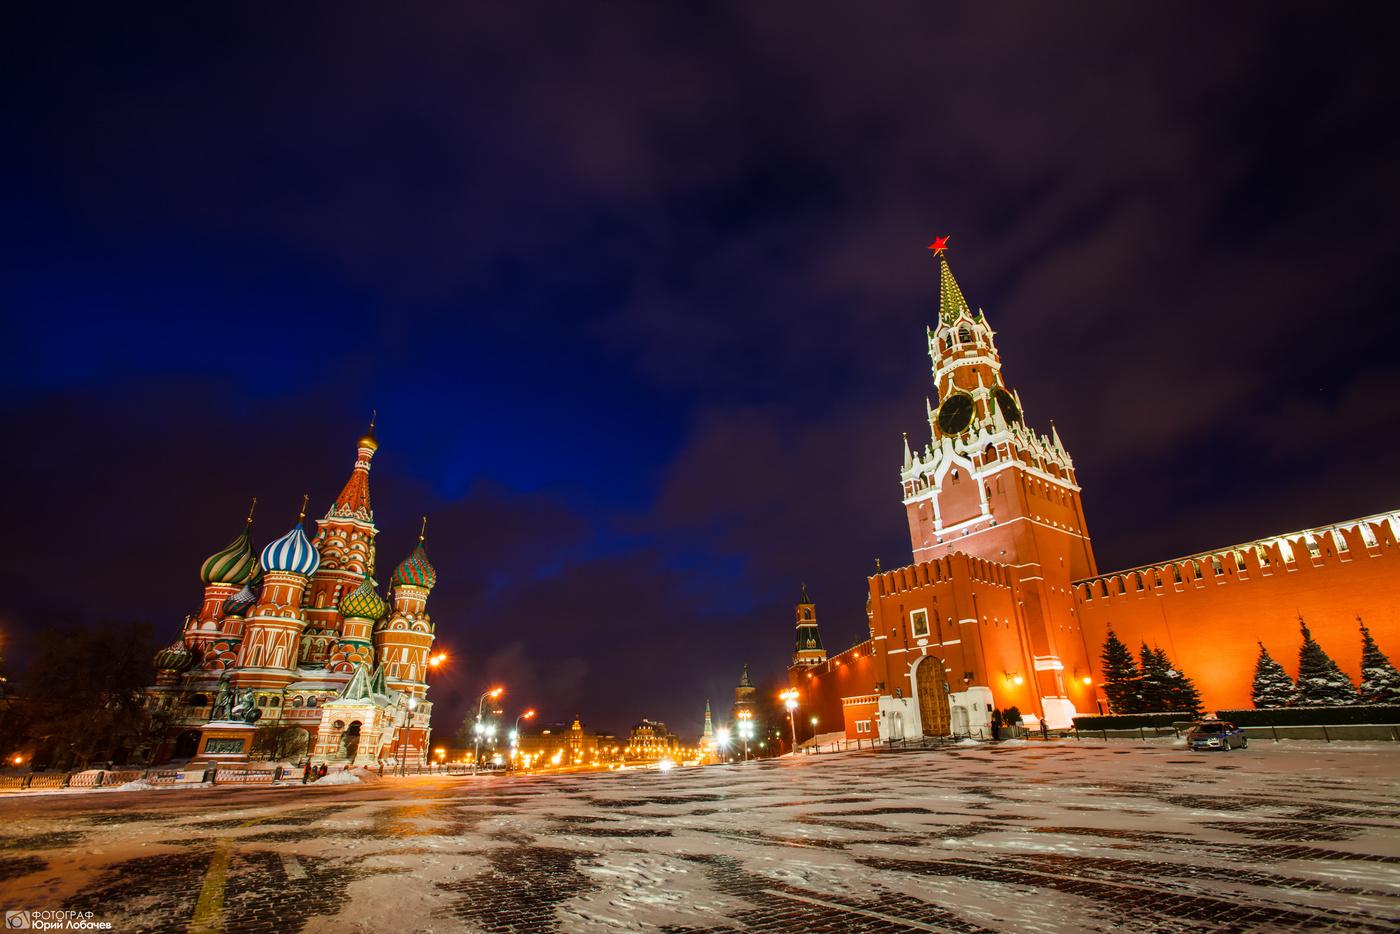 кремель в картинках девочка